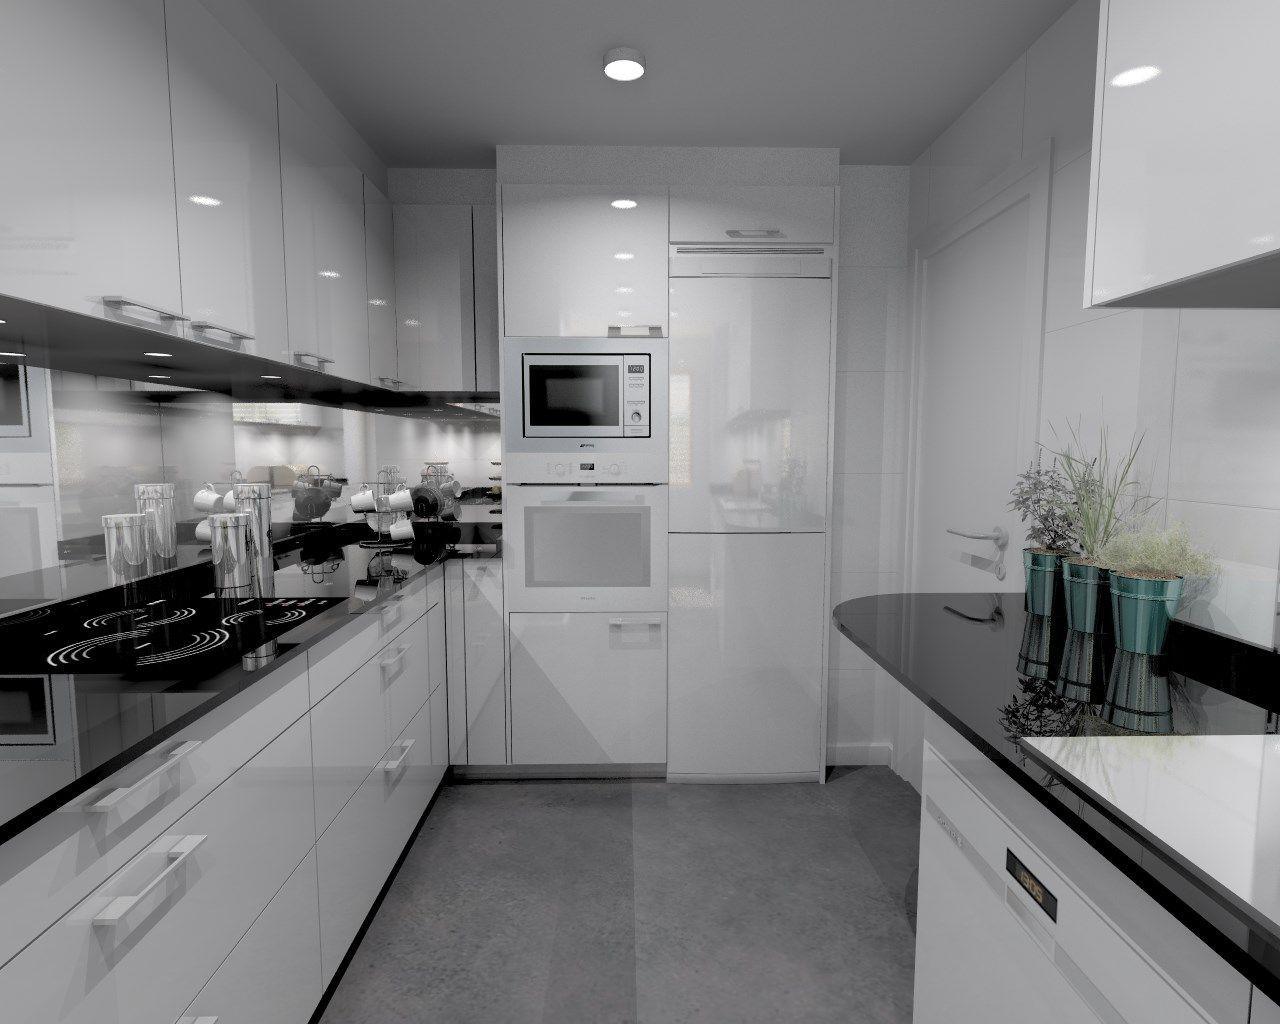 Cocina Santos Modelo Plano Laminado Blanco Brillo Con Encimera  # Muebles Cocinas Soinco